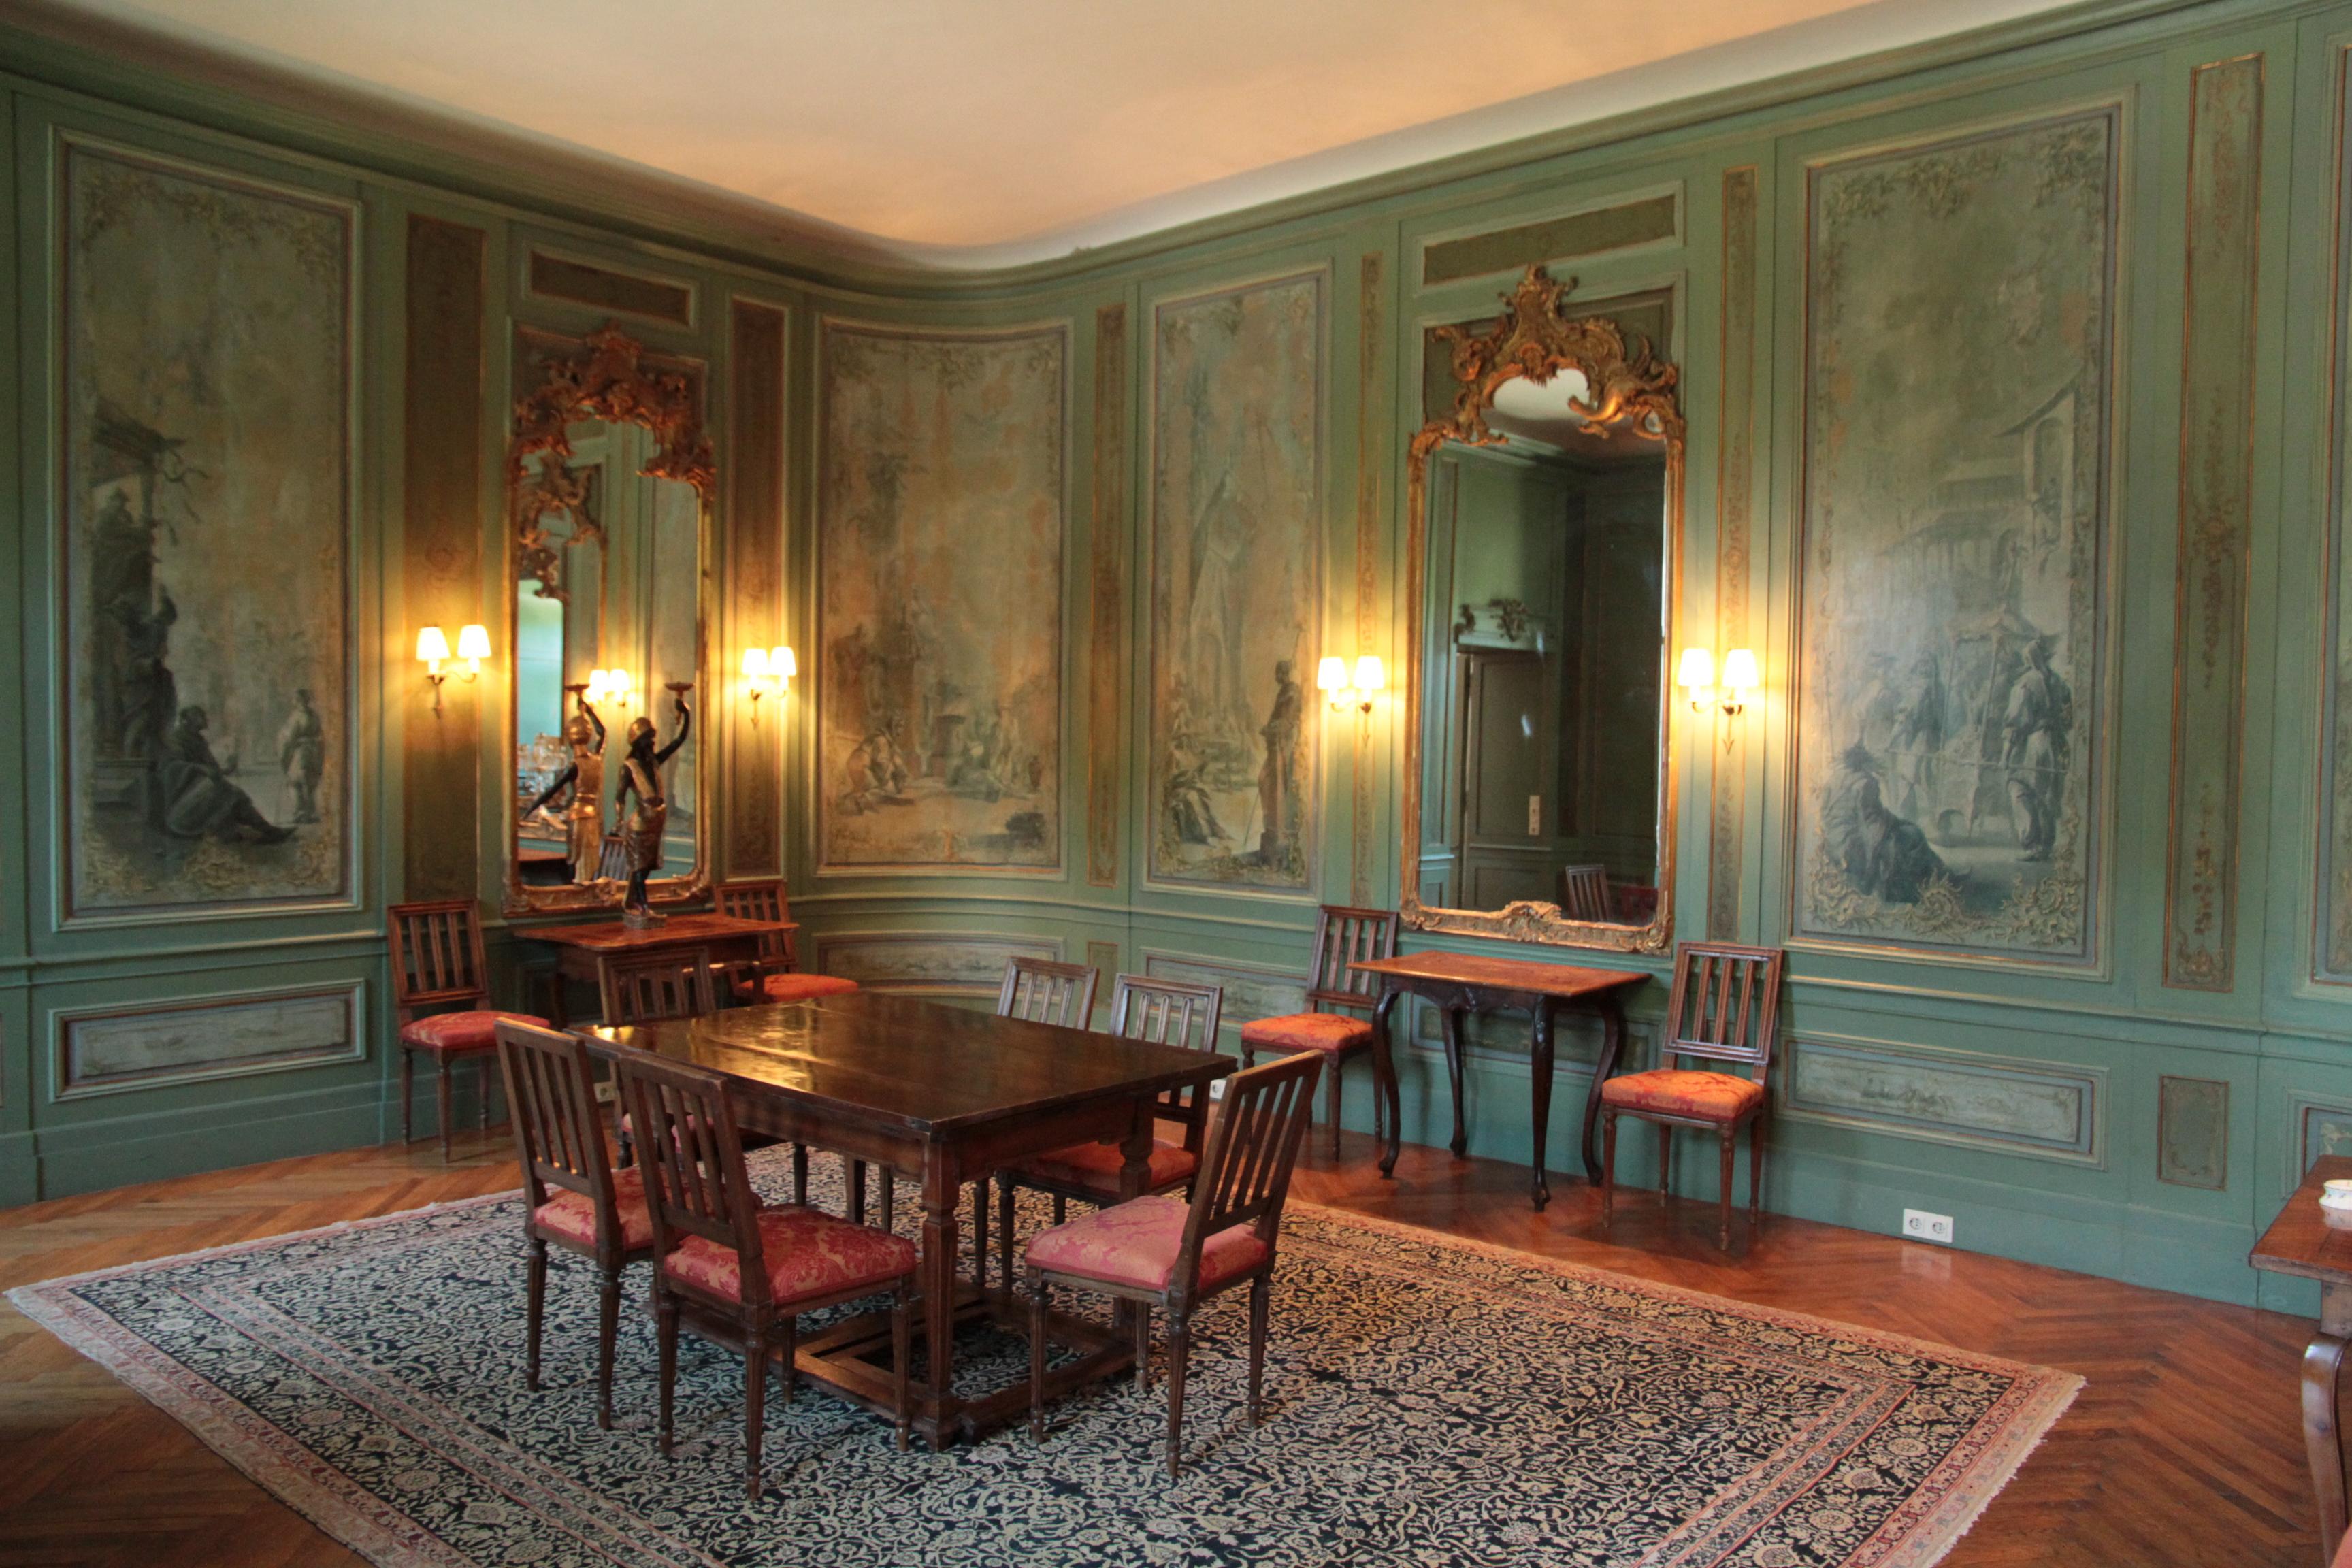 Appartement de vacances Luxuriöses, einzigartiges barockes Schloss, aufwendig eingerichtet (2306589), St. Pölten, Mostviertel, Basse Autriche, Autriche, image 23